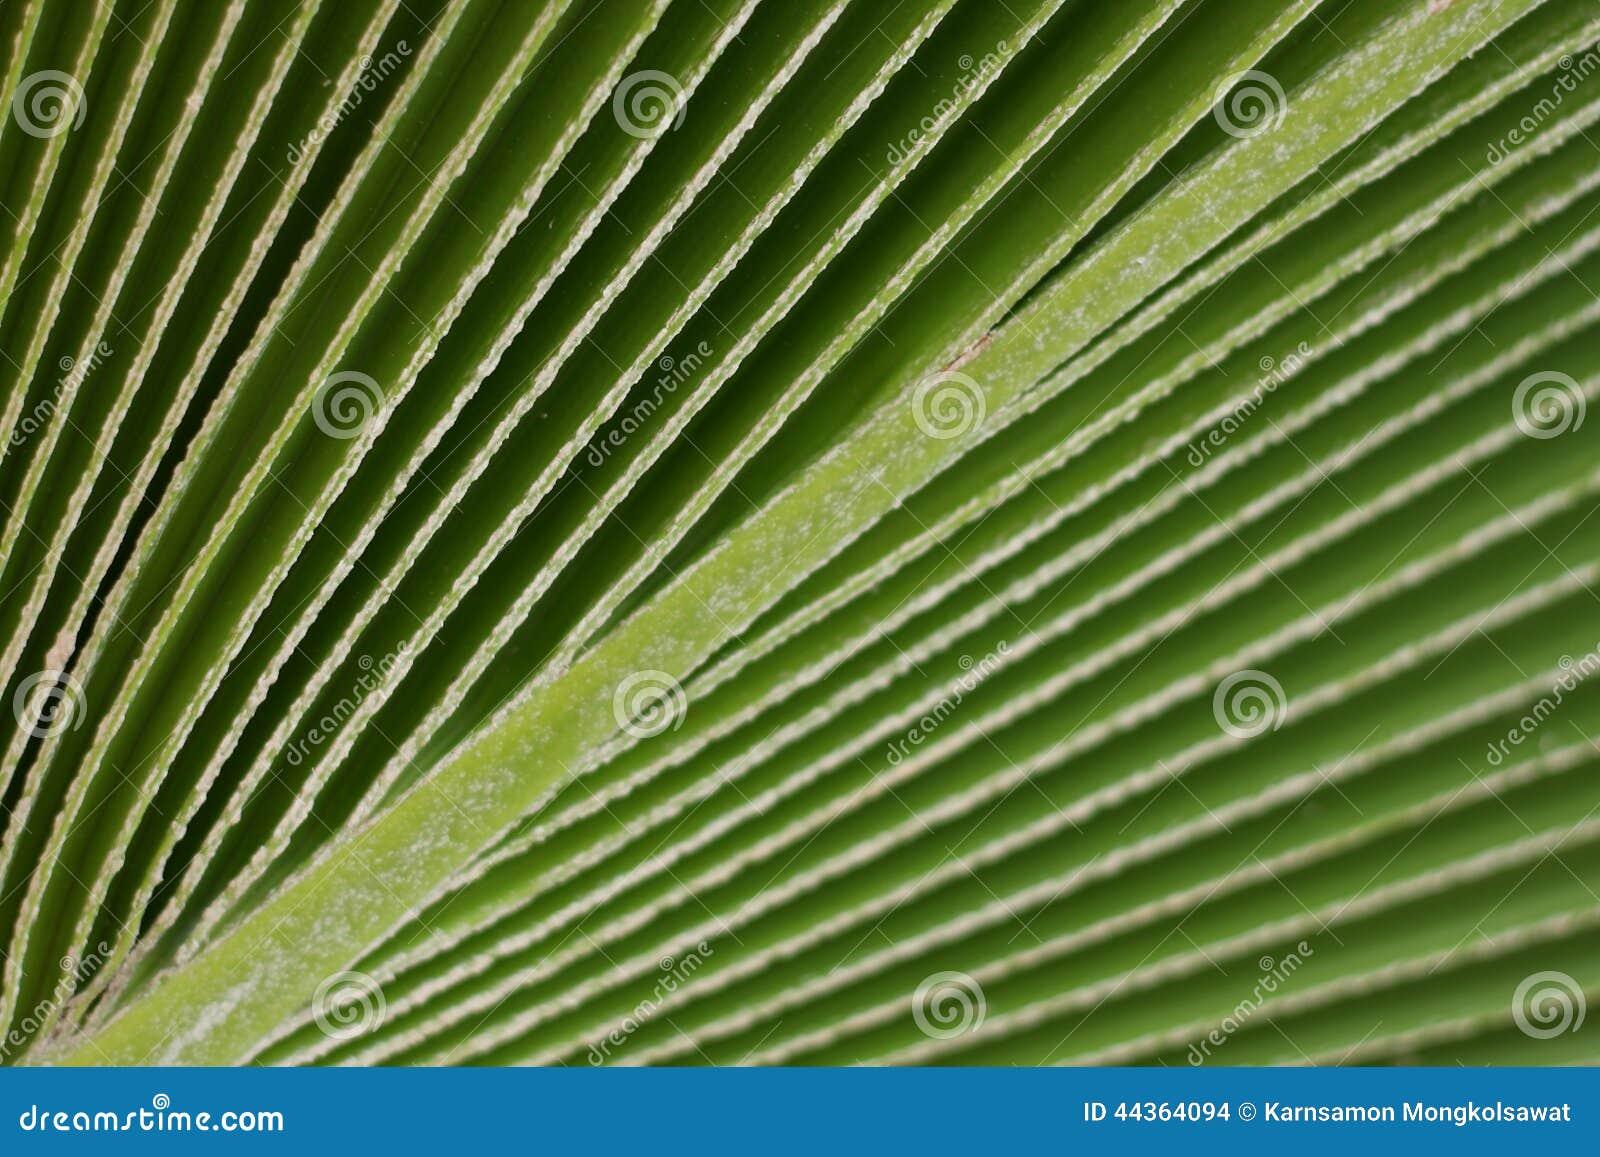 Linee e struttura di foglia di palma verde